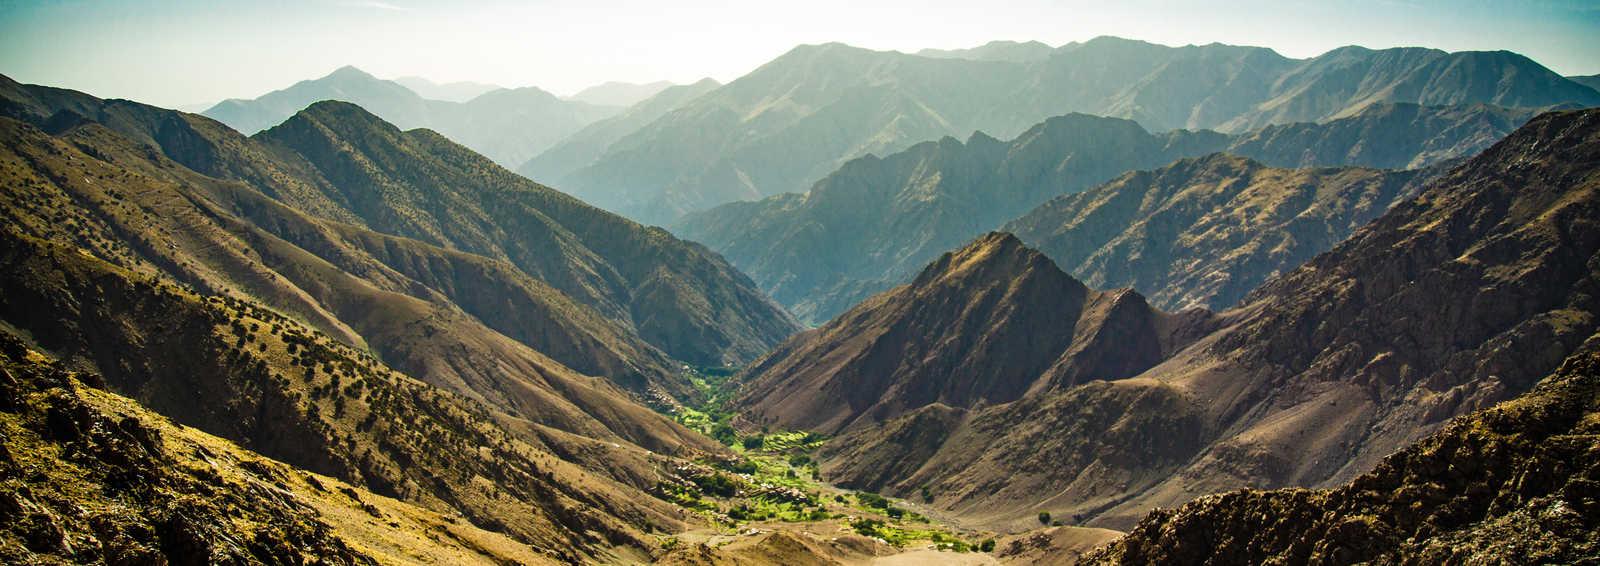 Mt Toubkal Climb.